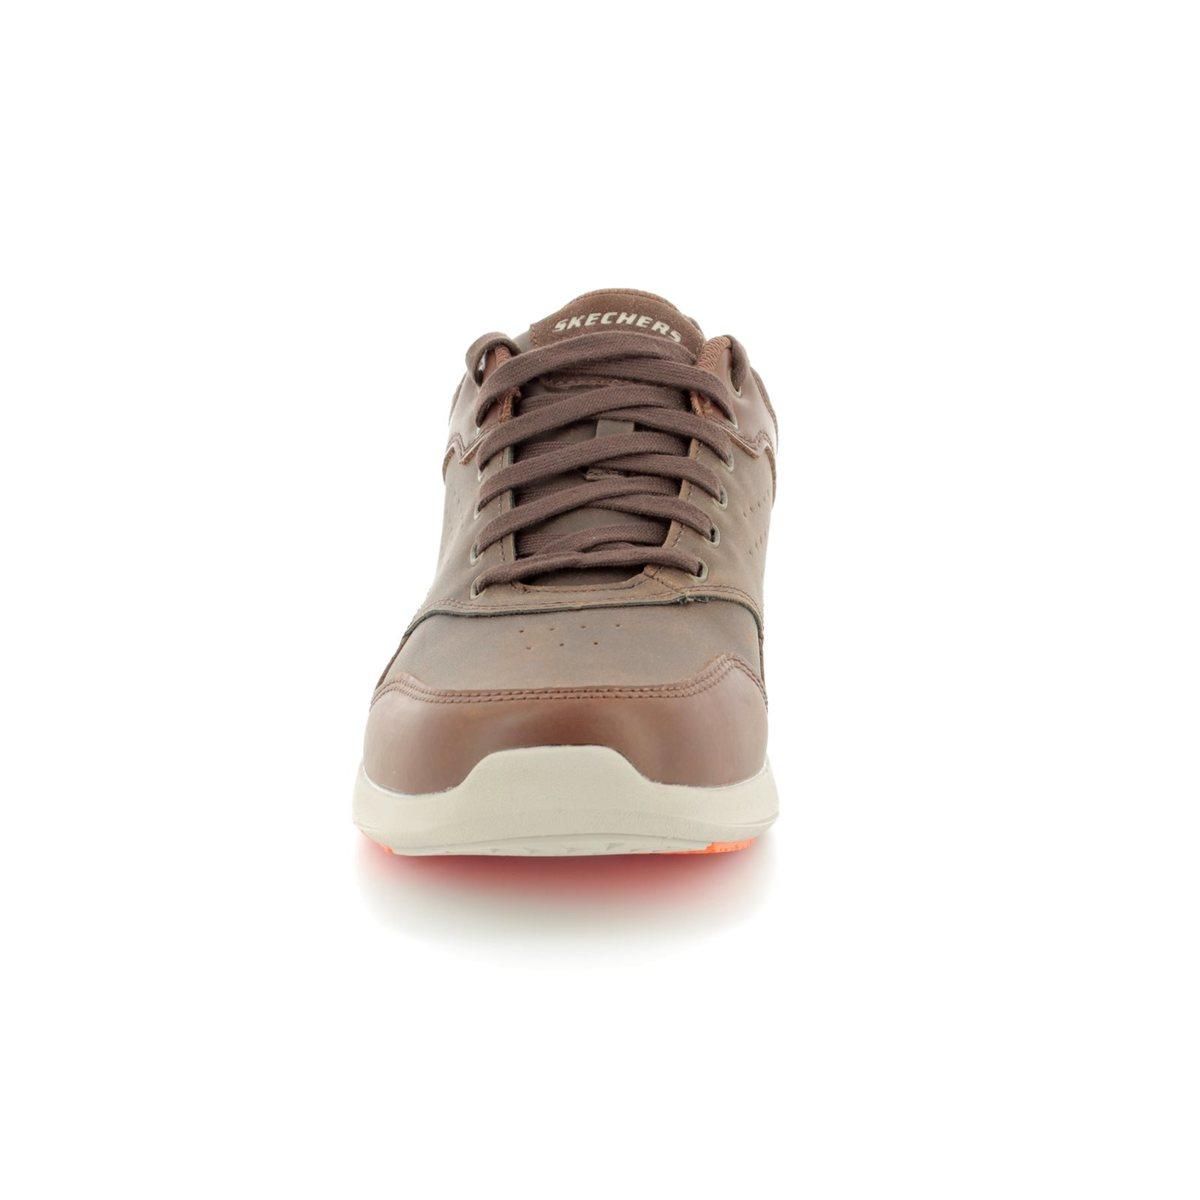 Skechers Elent Velago 65406 BRN Brown